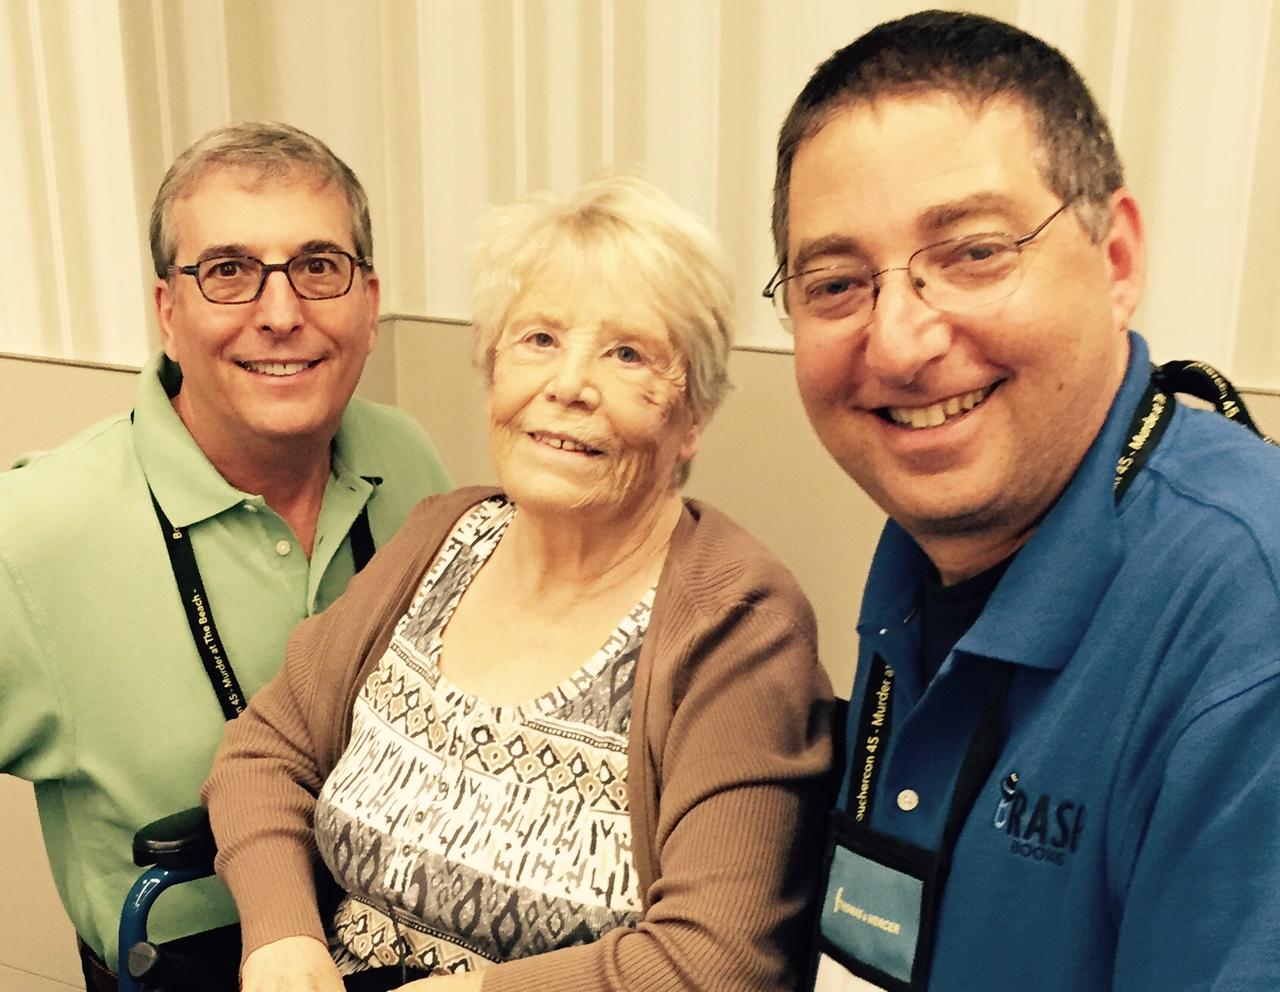 Joel Goldman, Maxine O'Callaghan and Lee Goldberg